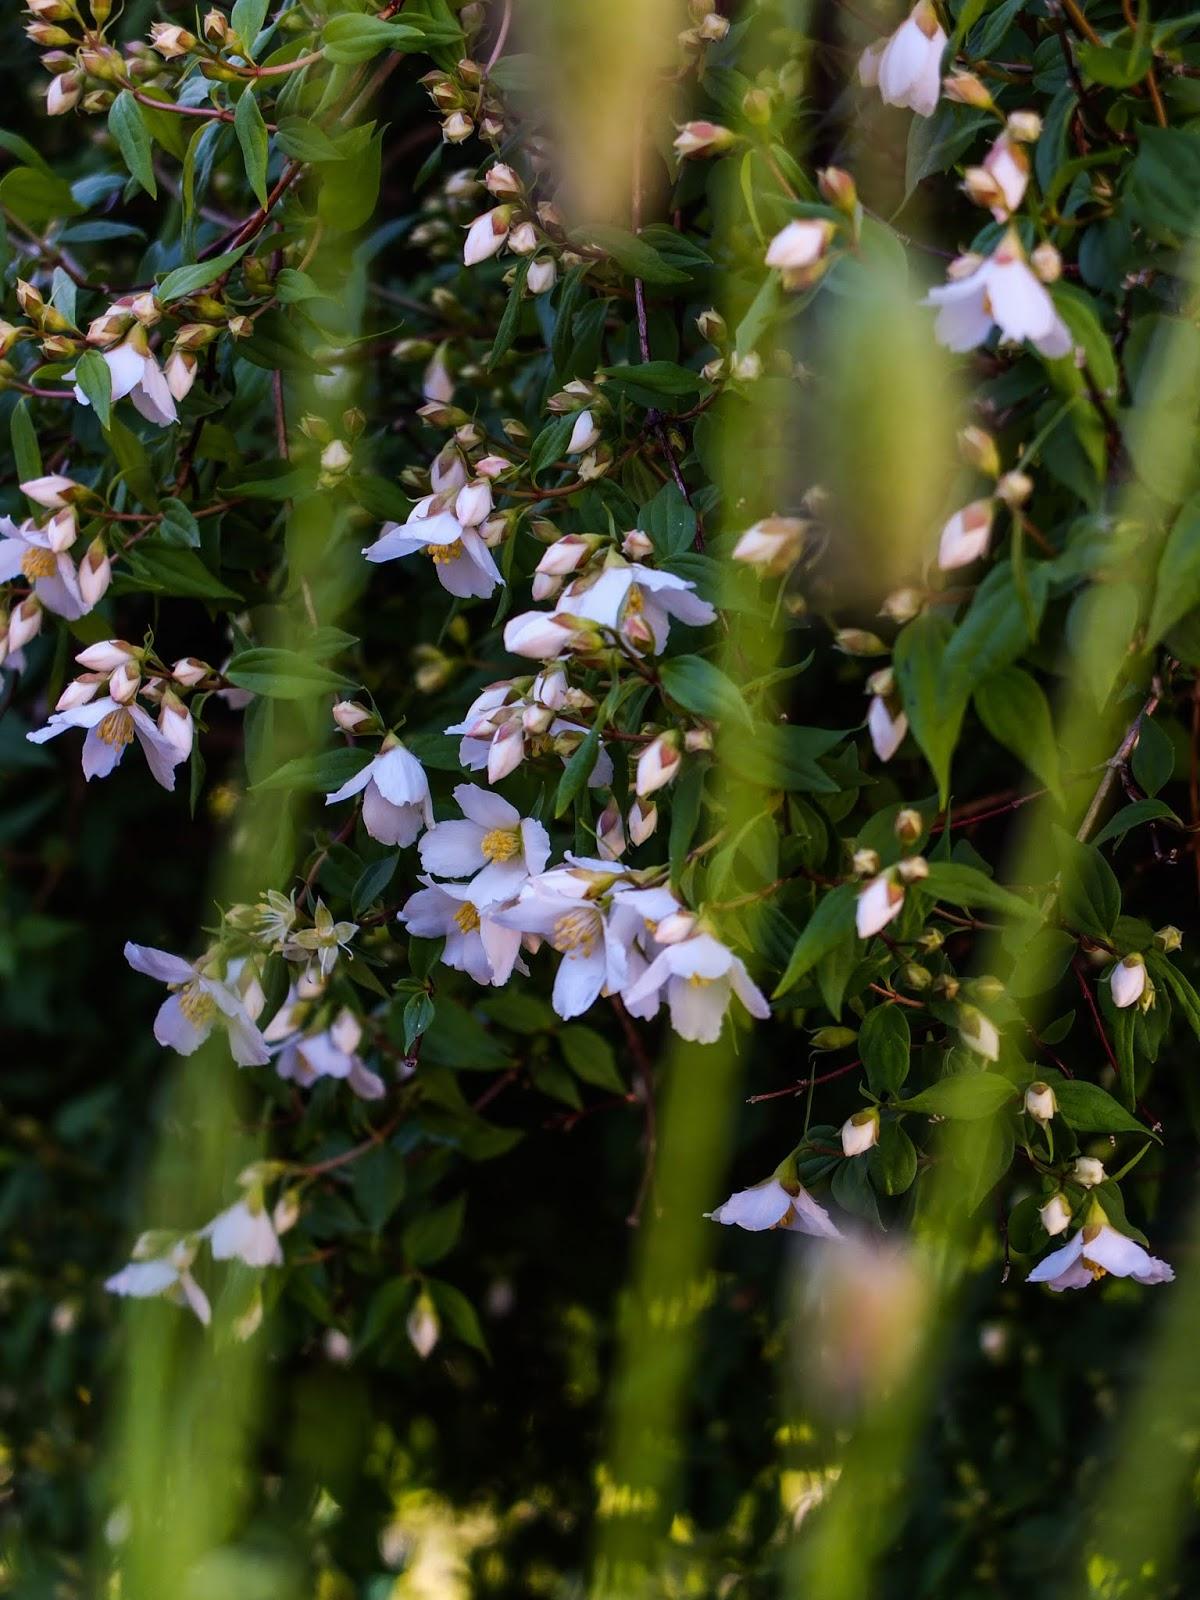 Jasmine flowers at sunset captured through grass blades.